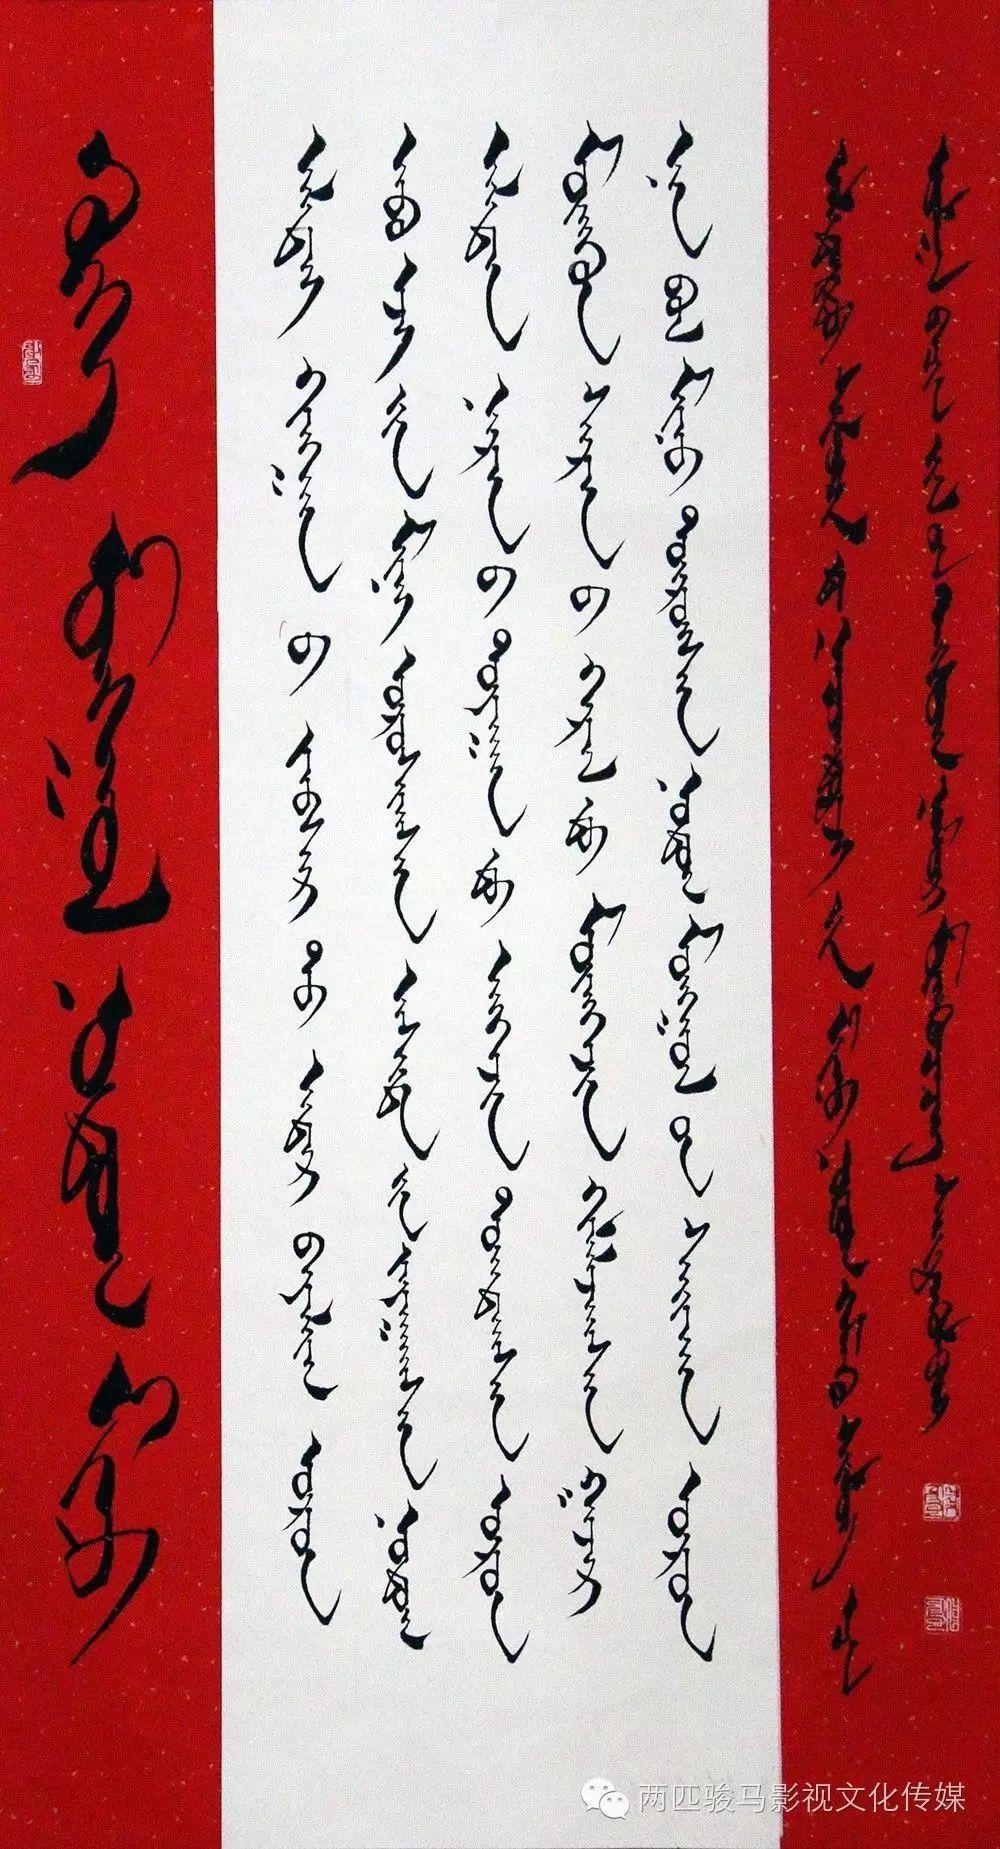 【艺术】2016年通辽市蒙古文书法大赛获奖作品欣赏 第5张